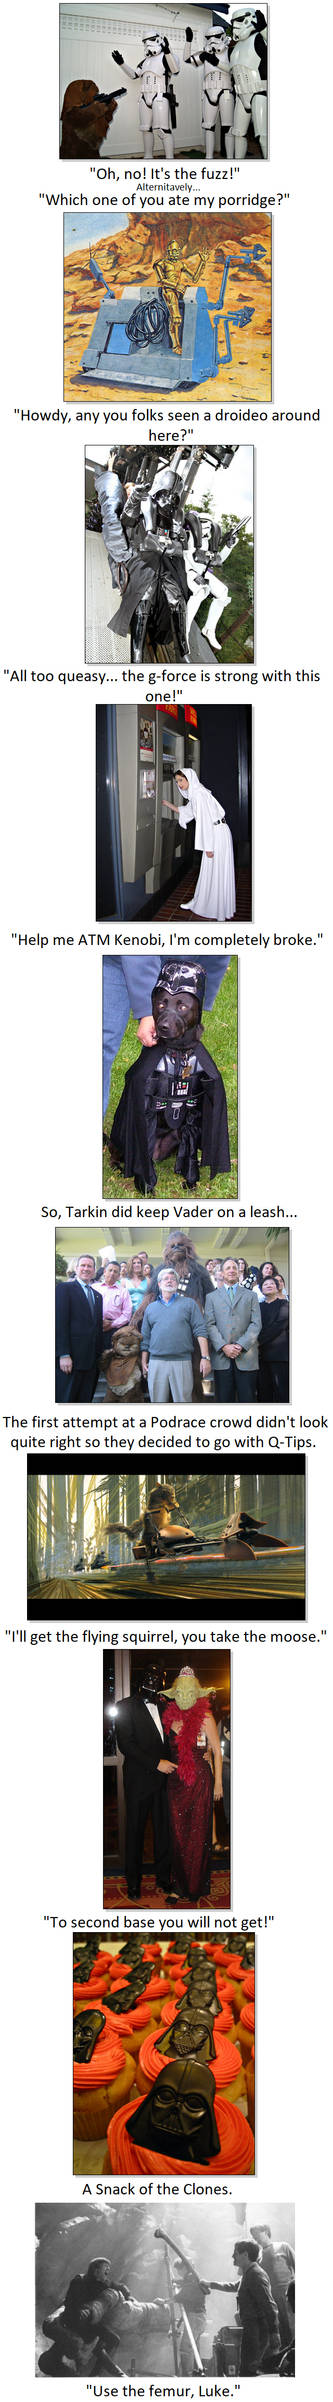 Star Wars Captioning Episode XIII: AAAAAGH